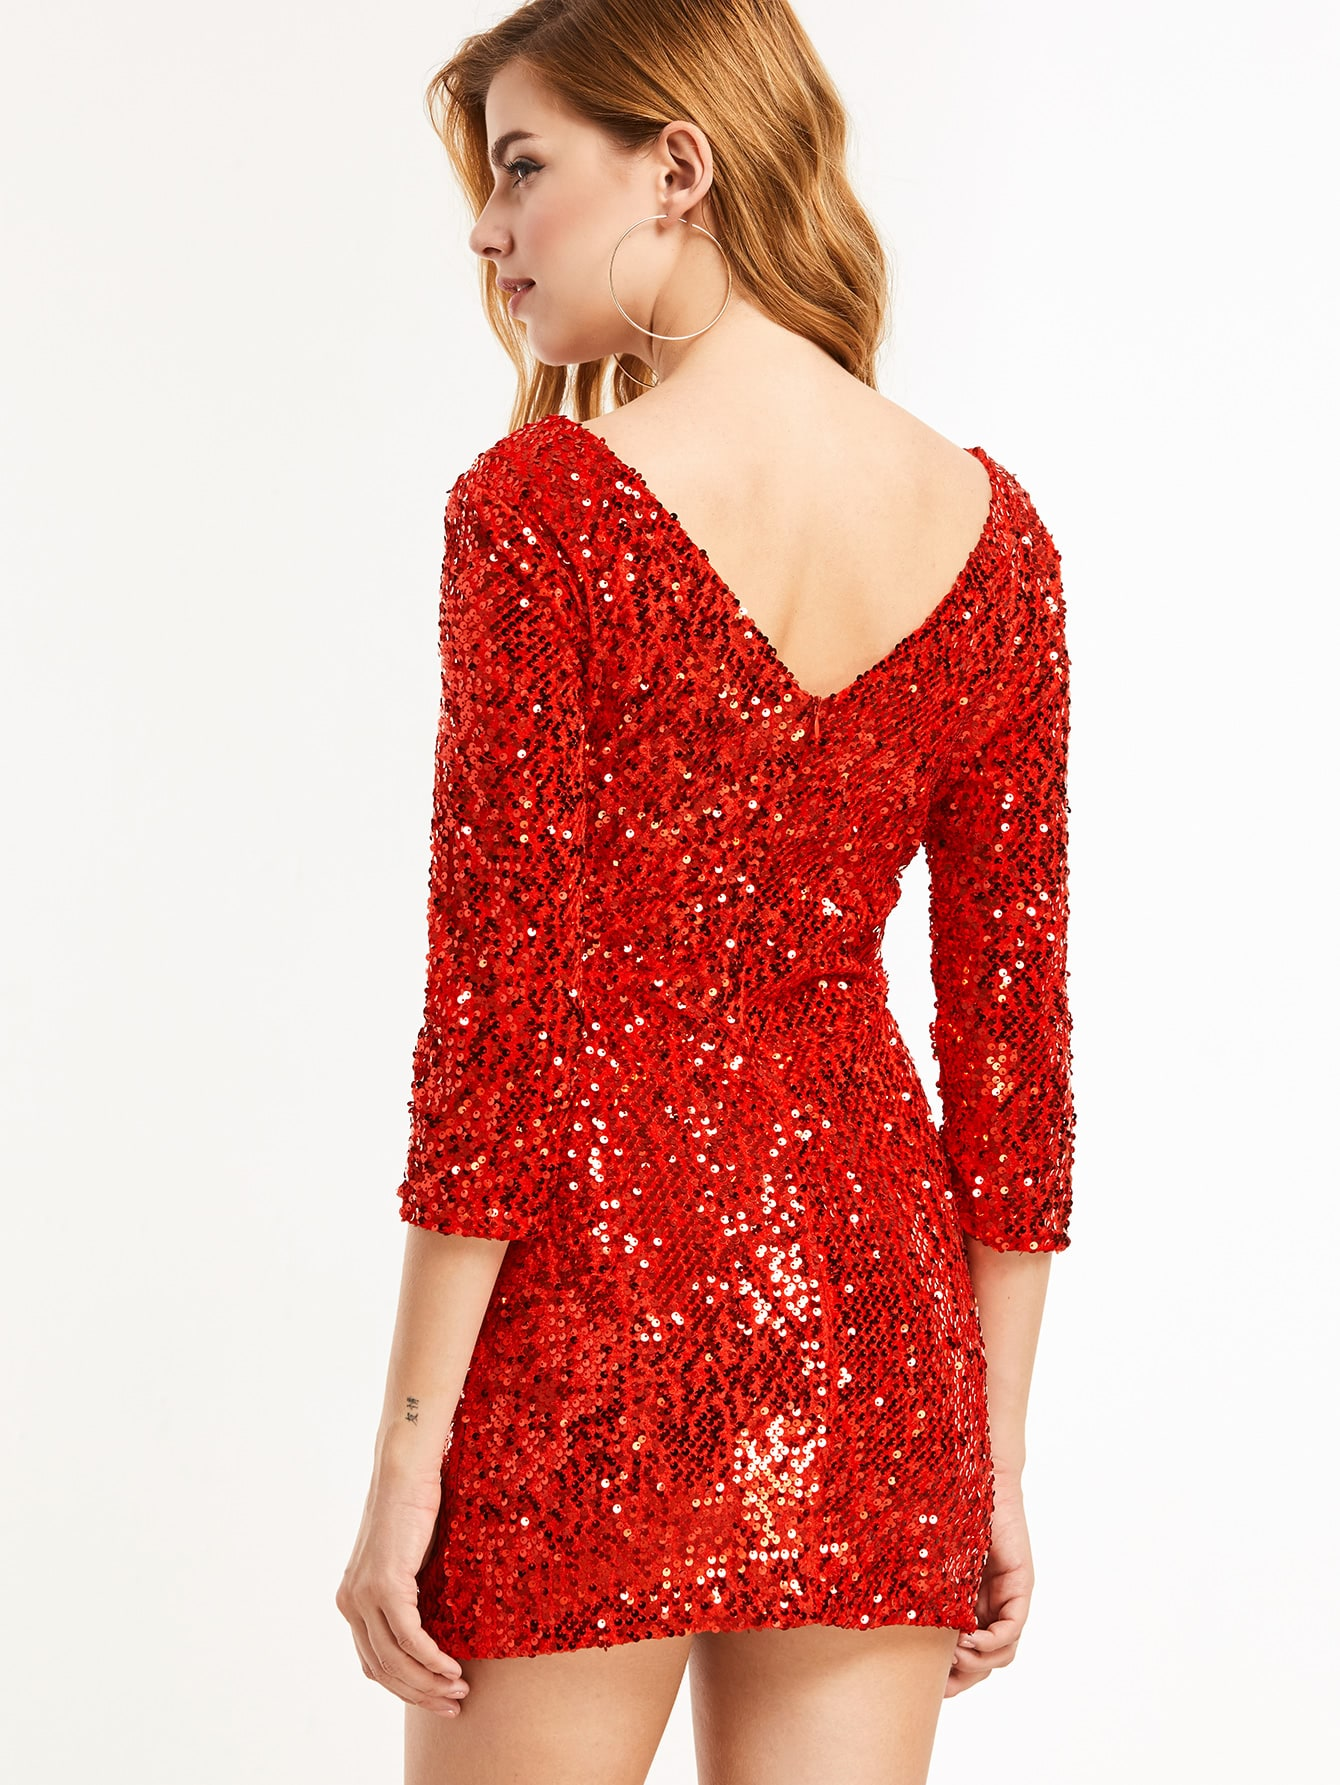 dress161122135_2